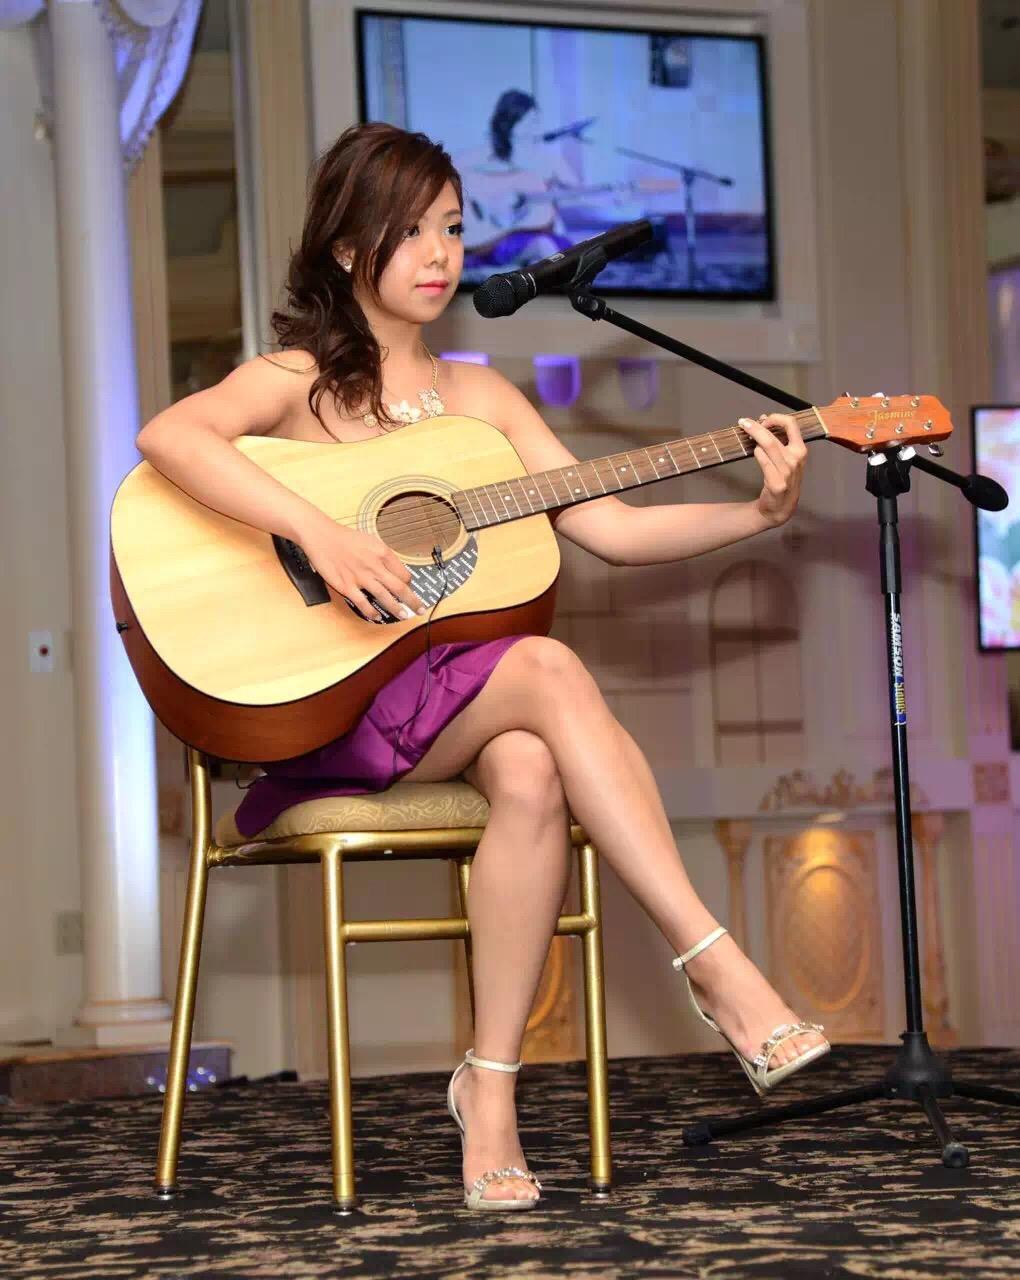 mcbp 2015 talent show